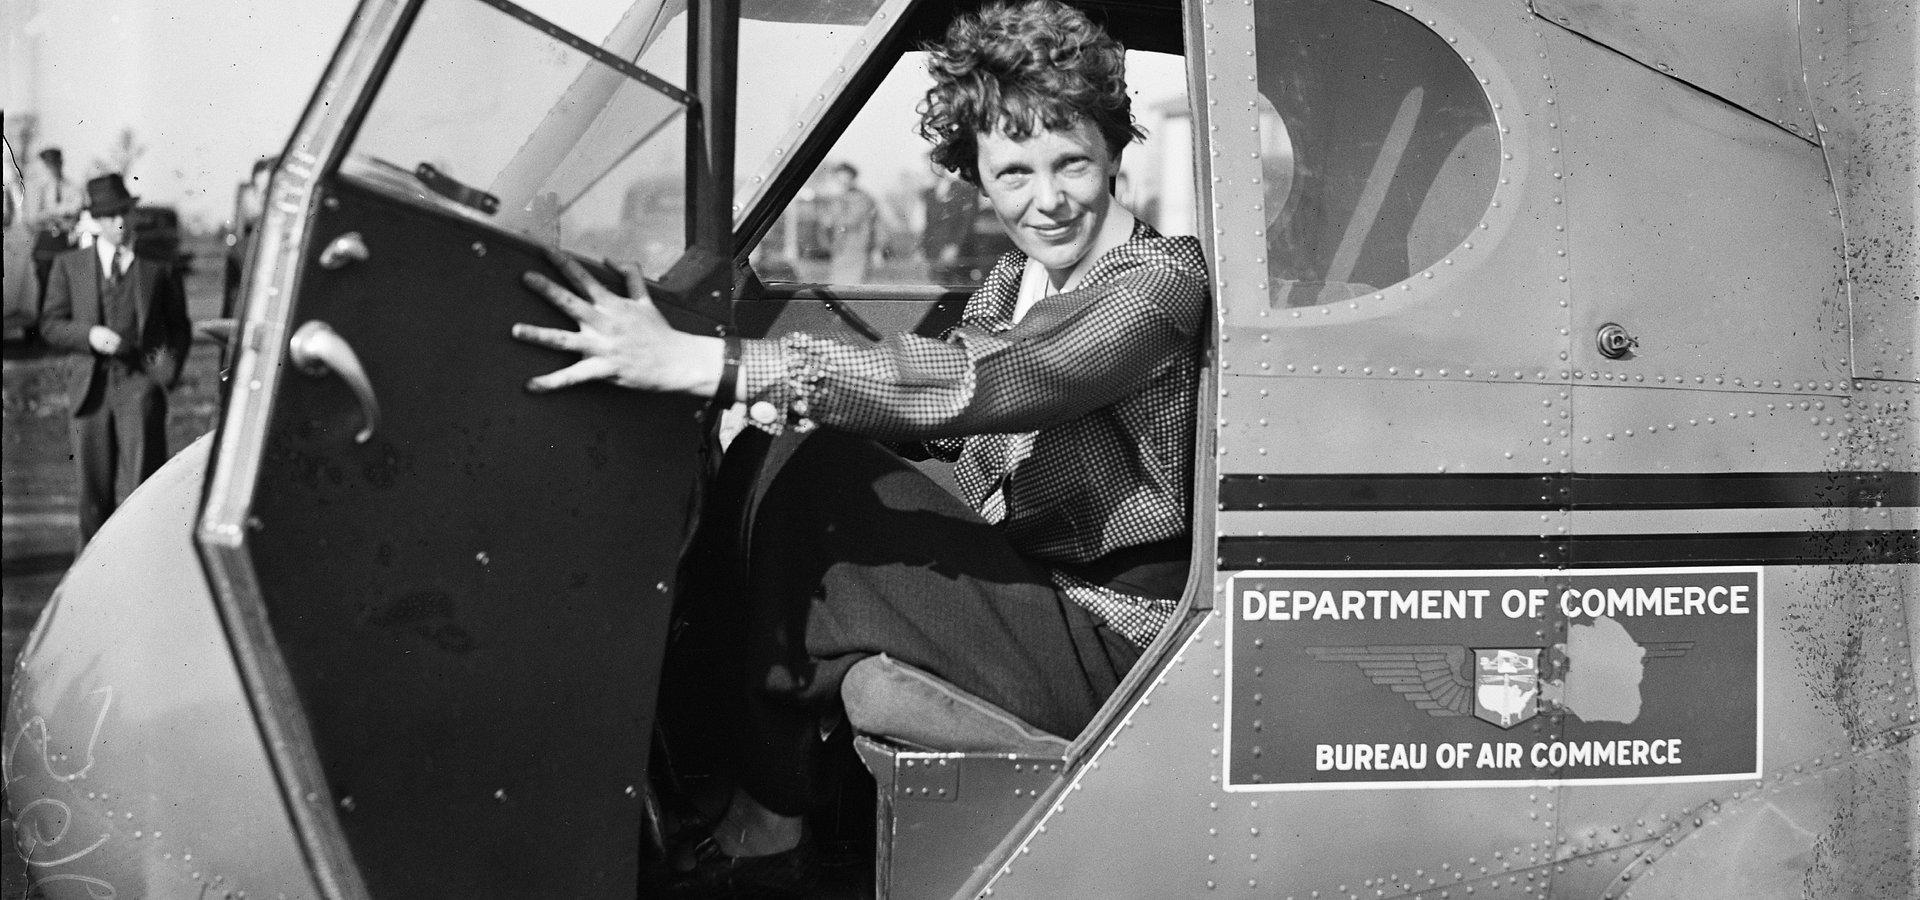 Przebijała samolotem szklany sufit i… zaginęła. Co się stało z pionierką lotnictwa Amelią Earhart?